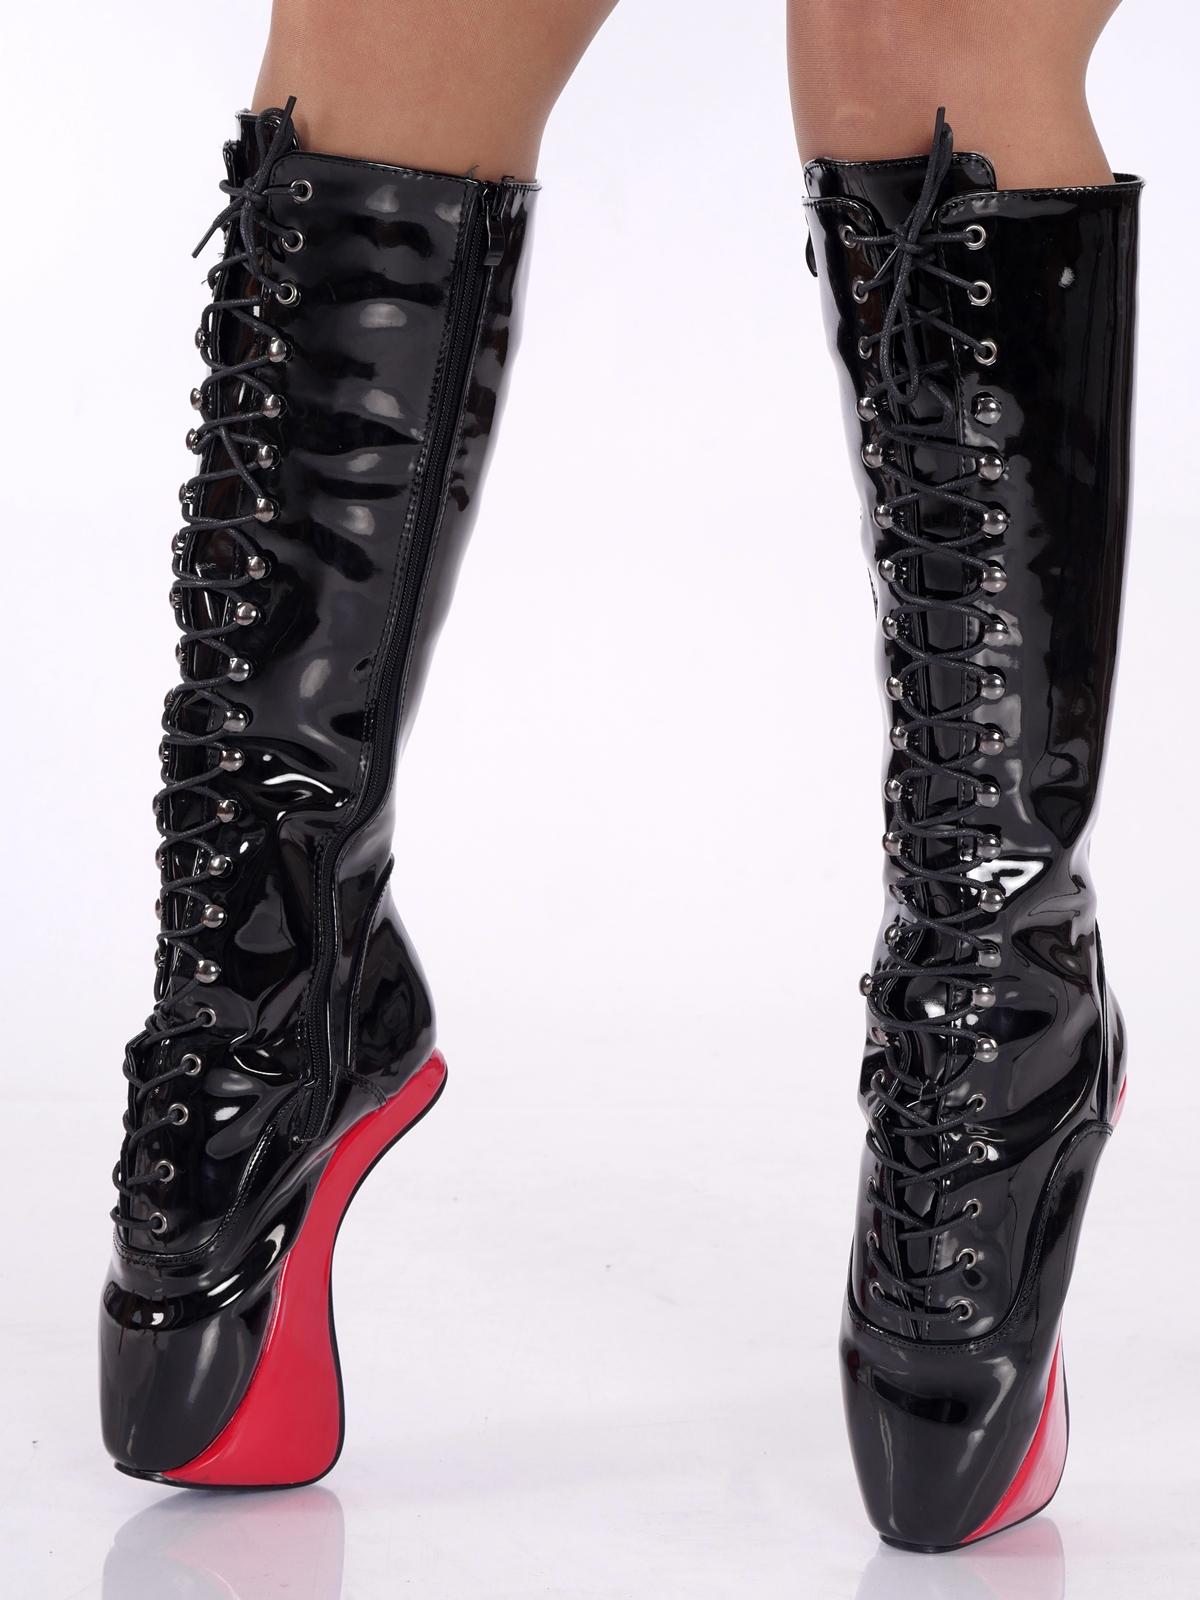 Gr Rot Details High Pony Neu 36 Crotch Heels Boots Zu 46 OverkneeOverkneeKnee Schwarz BxrdCoe